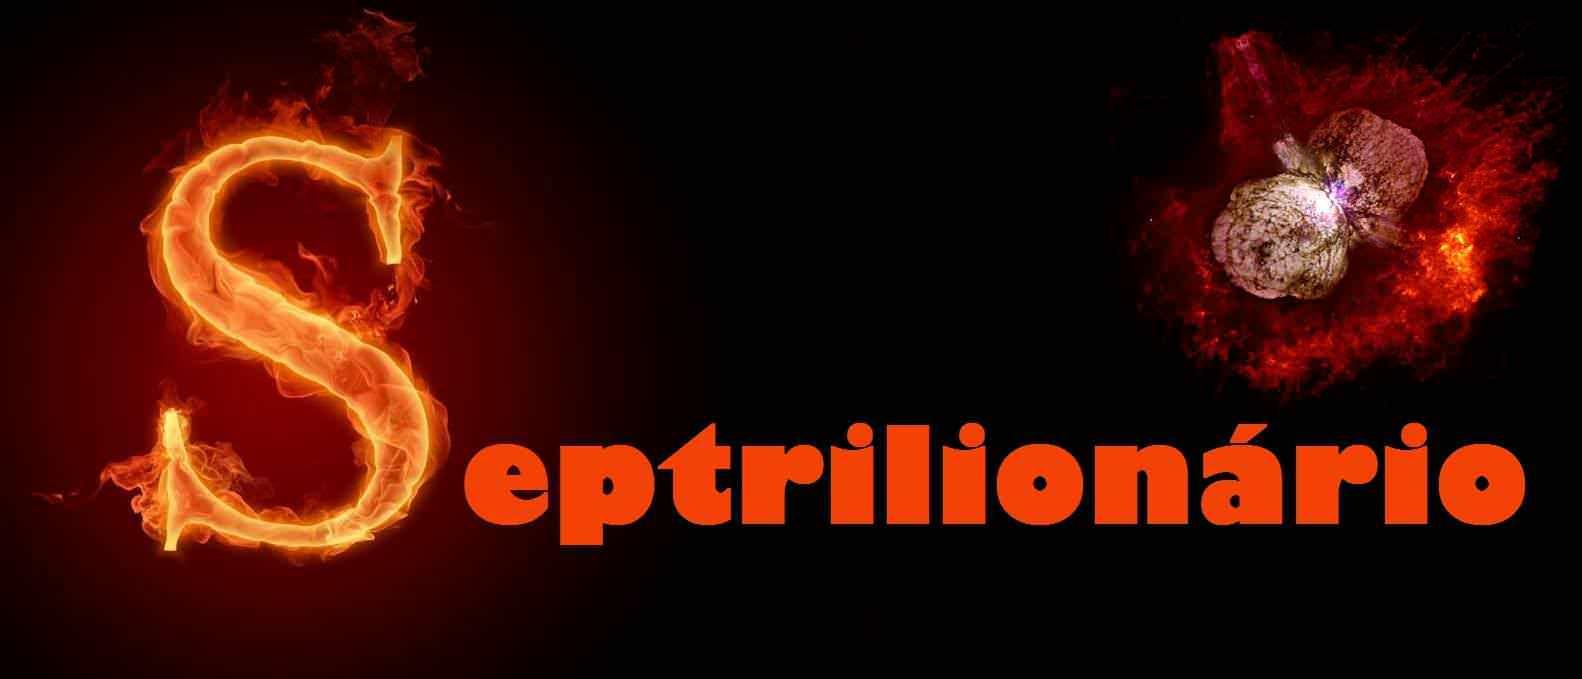 Septrilionário